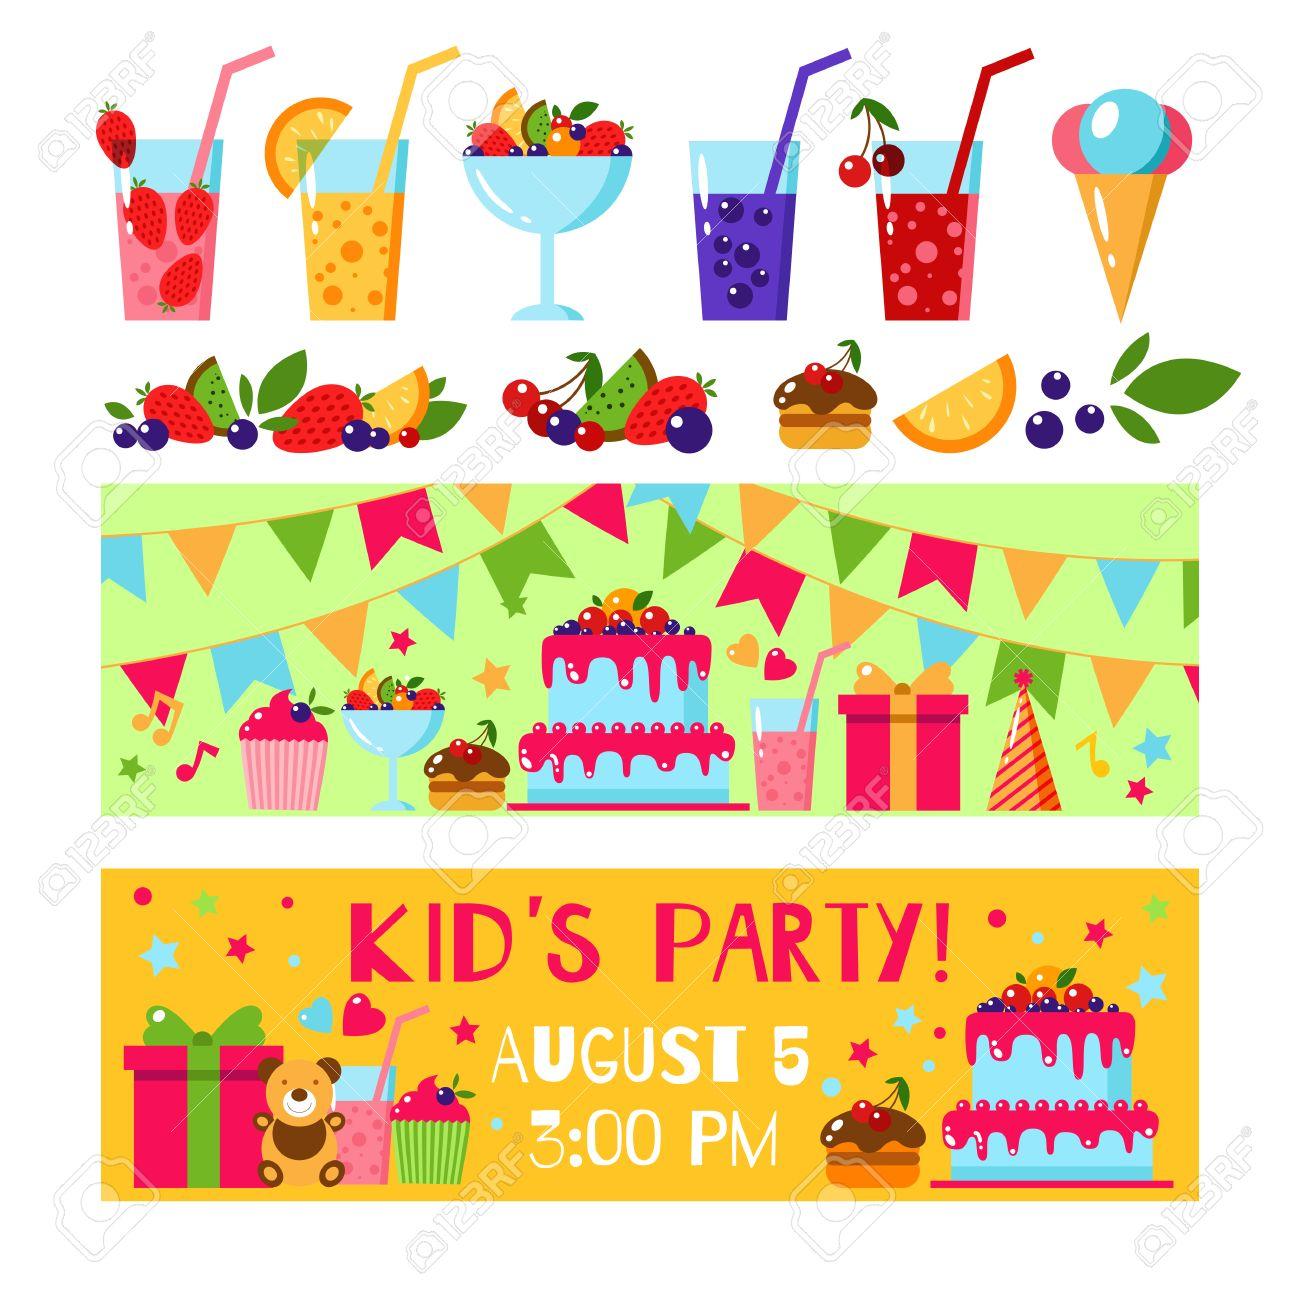 Alles Gute Zum Geburtstag Einladungskarte. Flache Vektor Kinder Einladung.  Kinder Party Und Kindergeburtstags